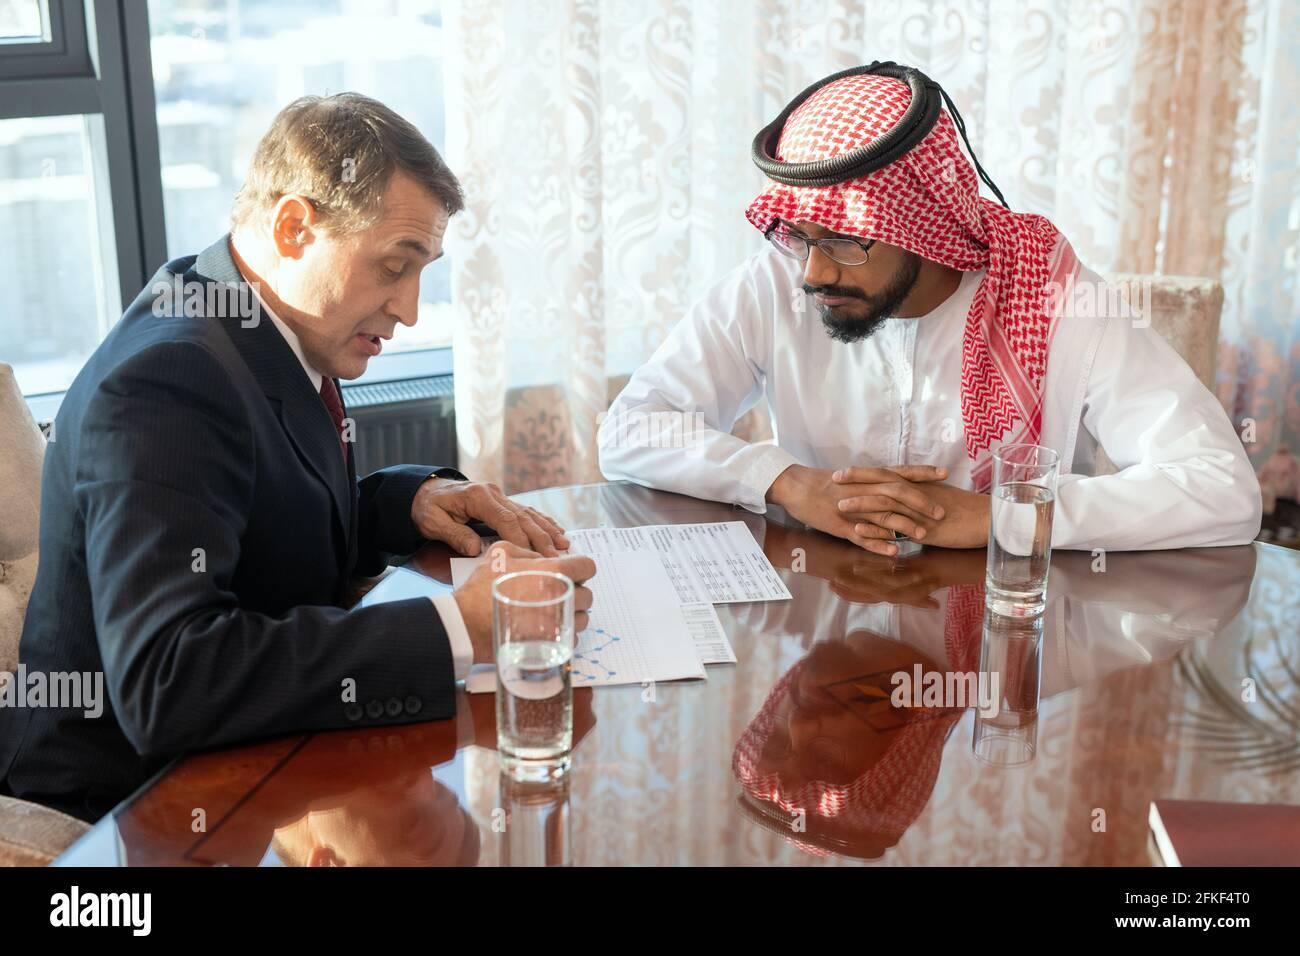 Dos delegados masculinos sentados en una mesa y discutiendo documentos en la reunión de trabajo Foto de stock